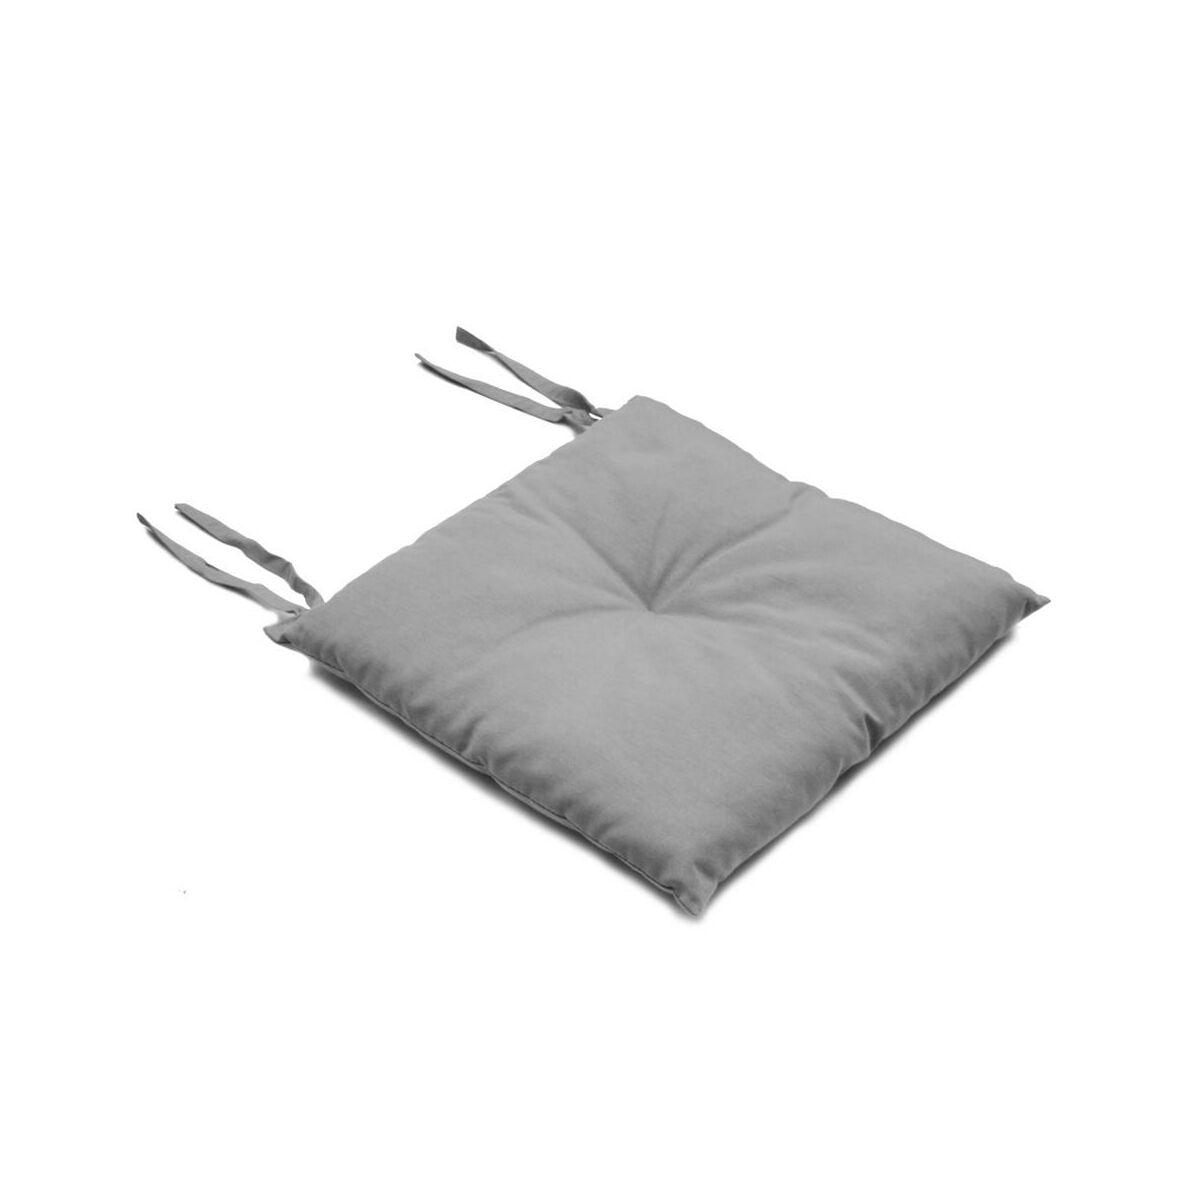 Poduszka Na Krzeslo Silla Szara 40 X 40 X 2 Cm Siedziska I Zaglowki W Atrakcyjnej Cenie W Sklepach Leroy Merlin